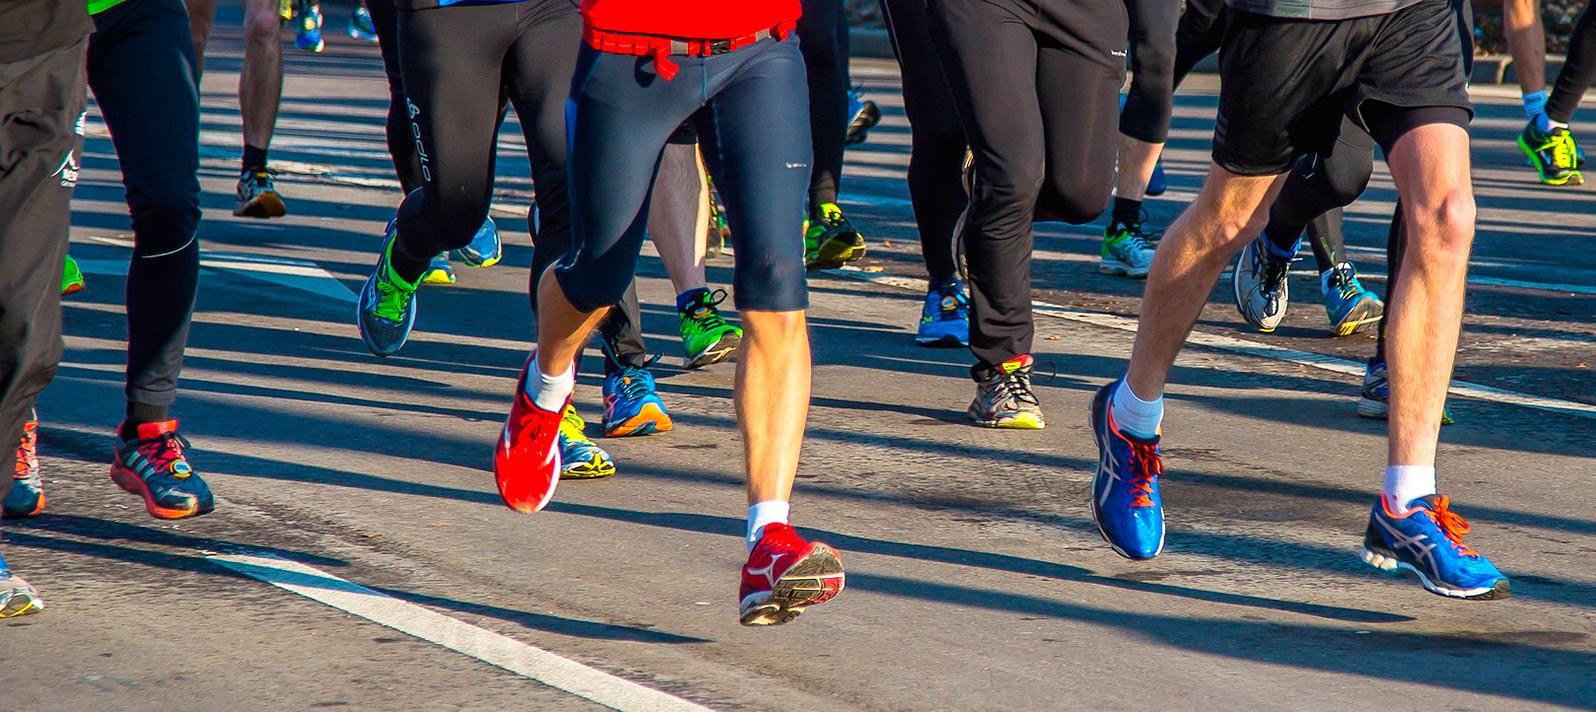 Salud oral y rendimiento deportivo, una relación condenada al éxito